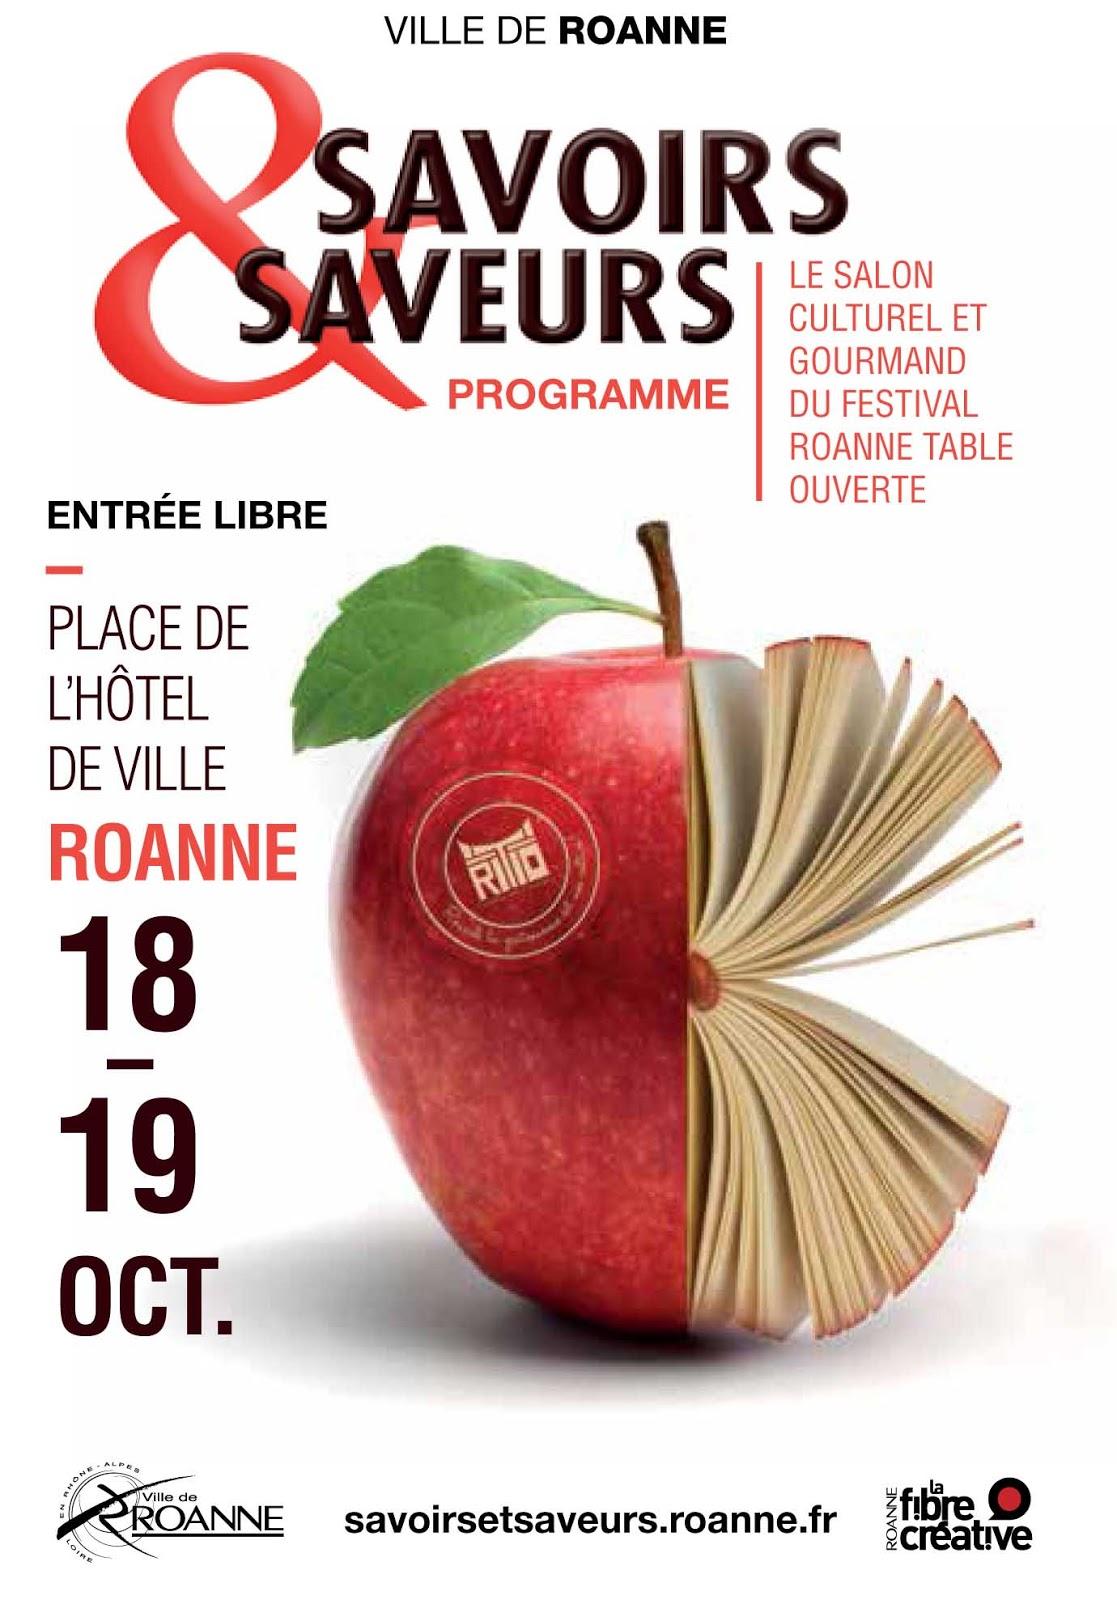 http://leroannais.com/noesit/!/fiche/roanne-table-ouverte-salon-savoirs-et-saveurs-244628